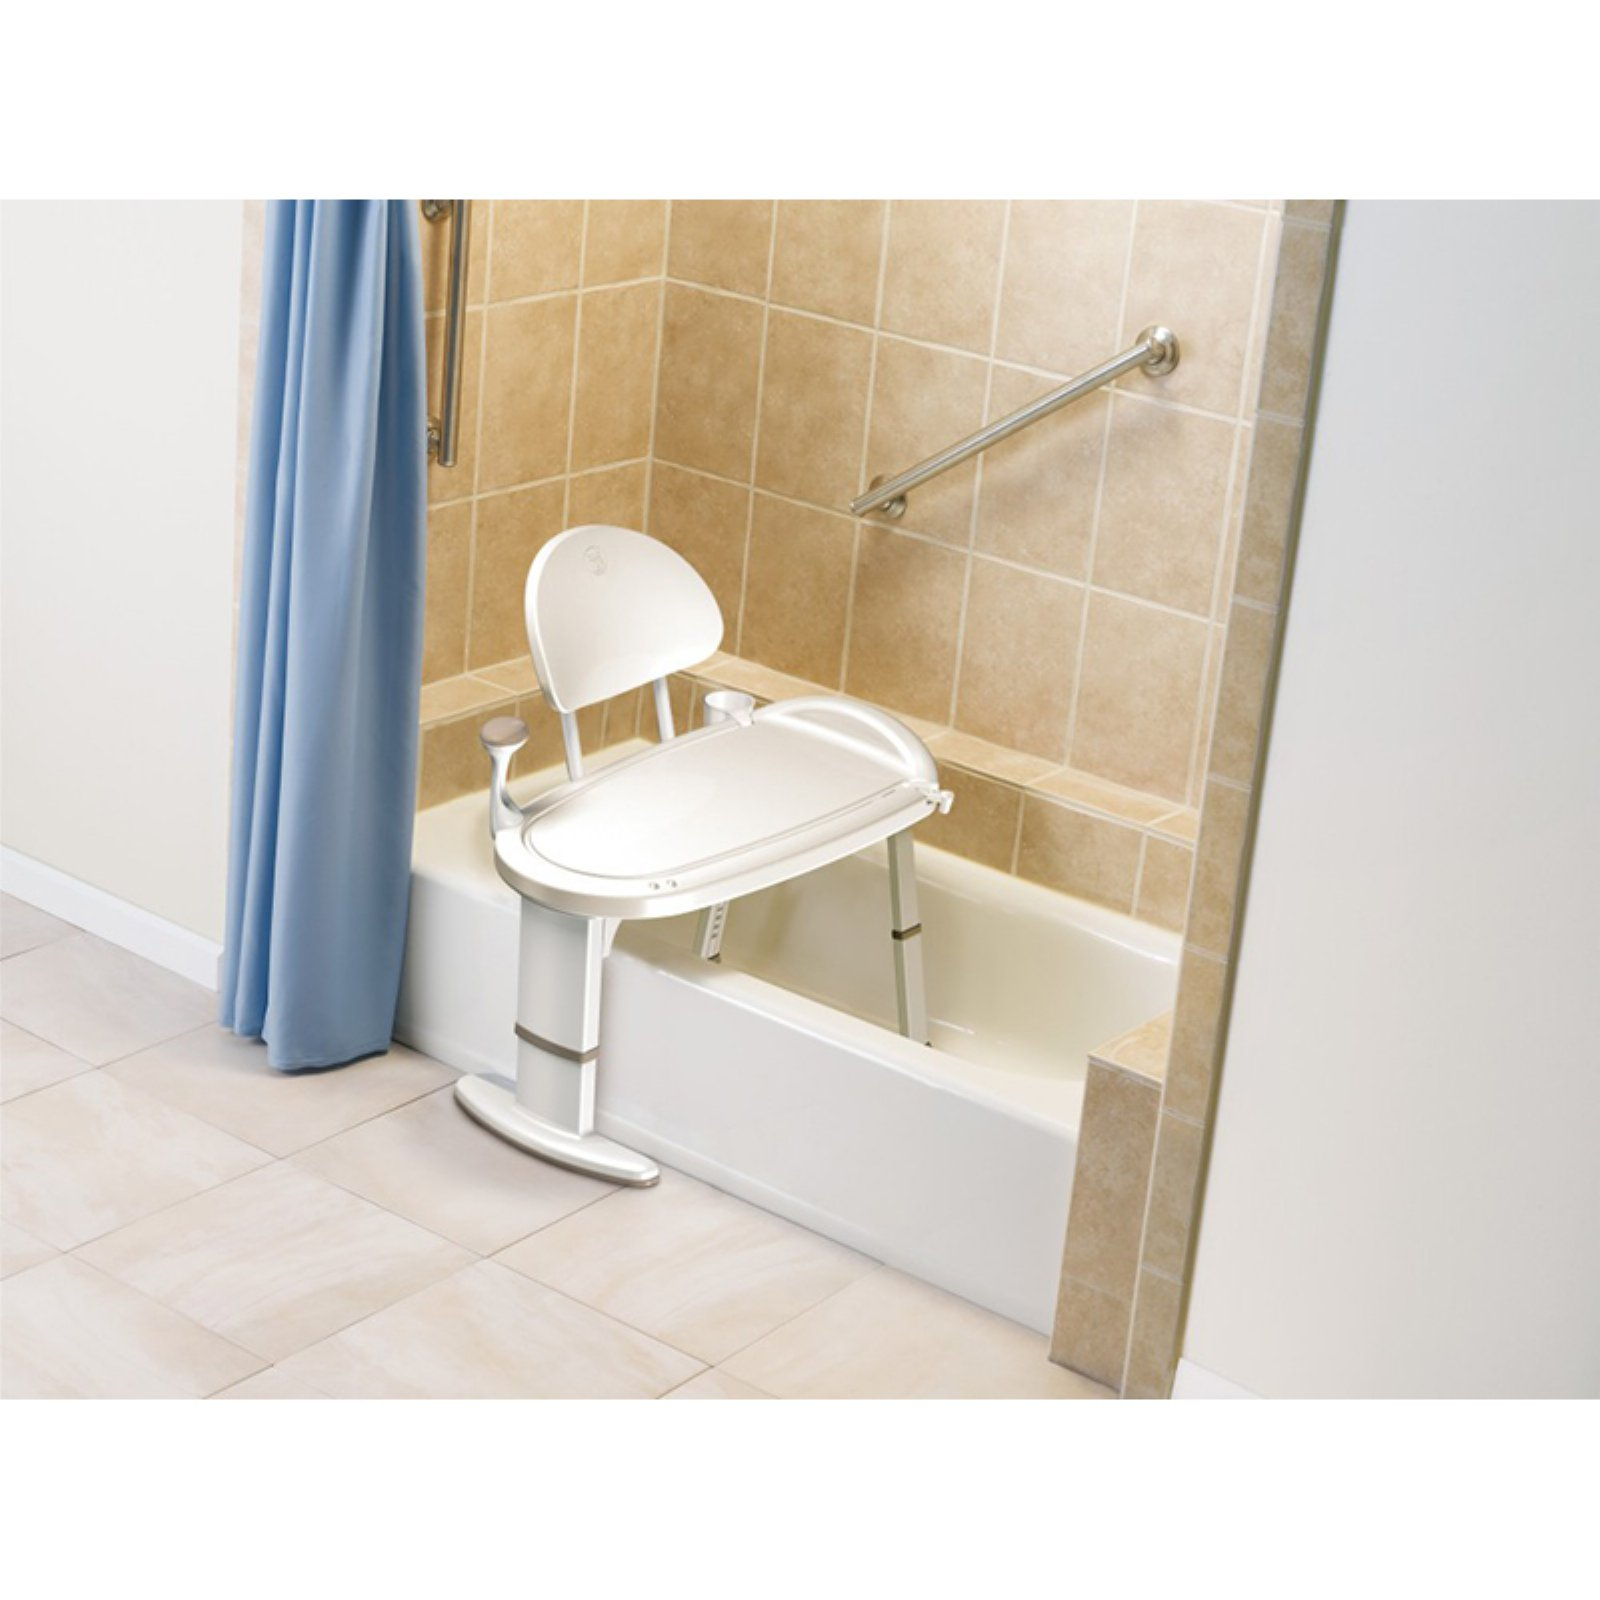 Moen Home Care Transfer Bench, 1ct - Walmart.com